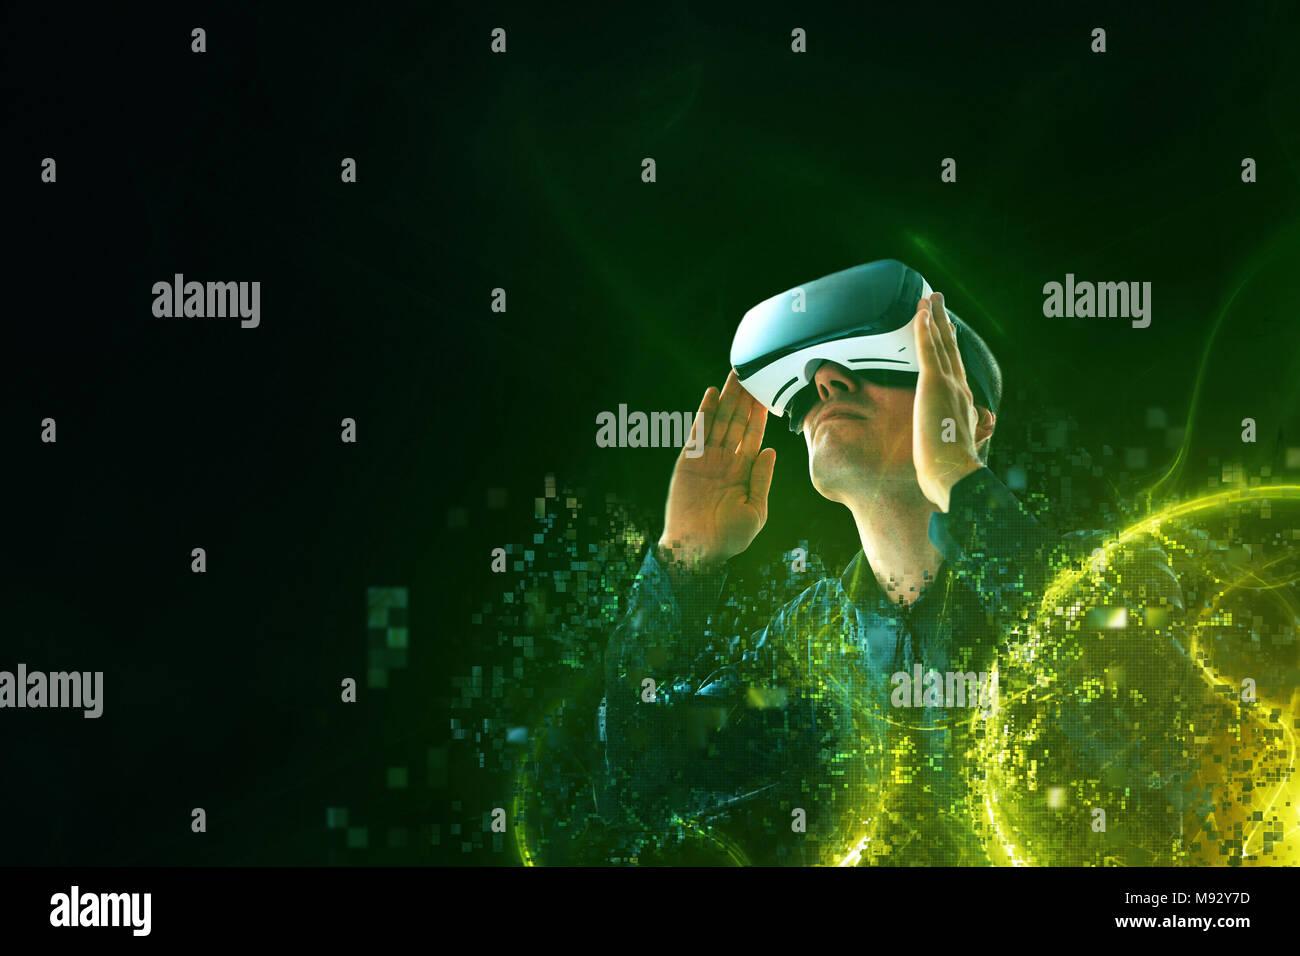 L'uomo con bicchieri di realtà virtuale. La tecnologia del futuro concetto. Moderna tecnologia di imaging. Immagini Stock